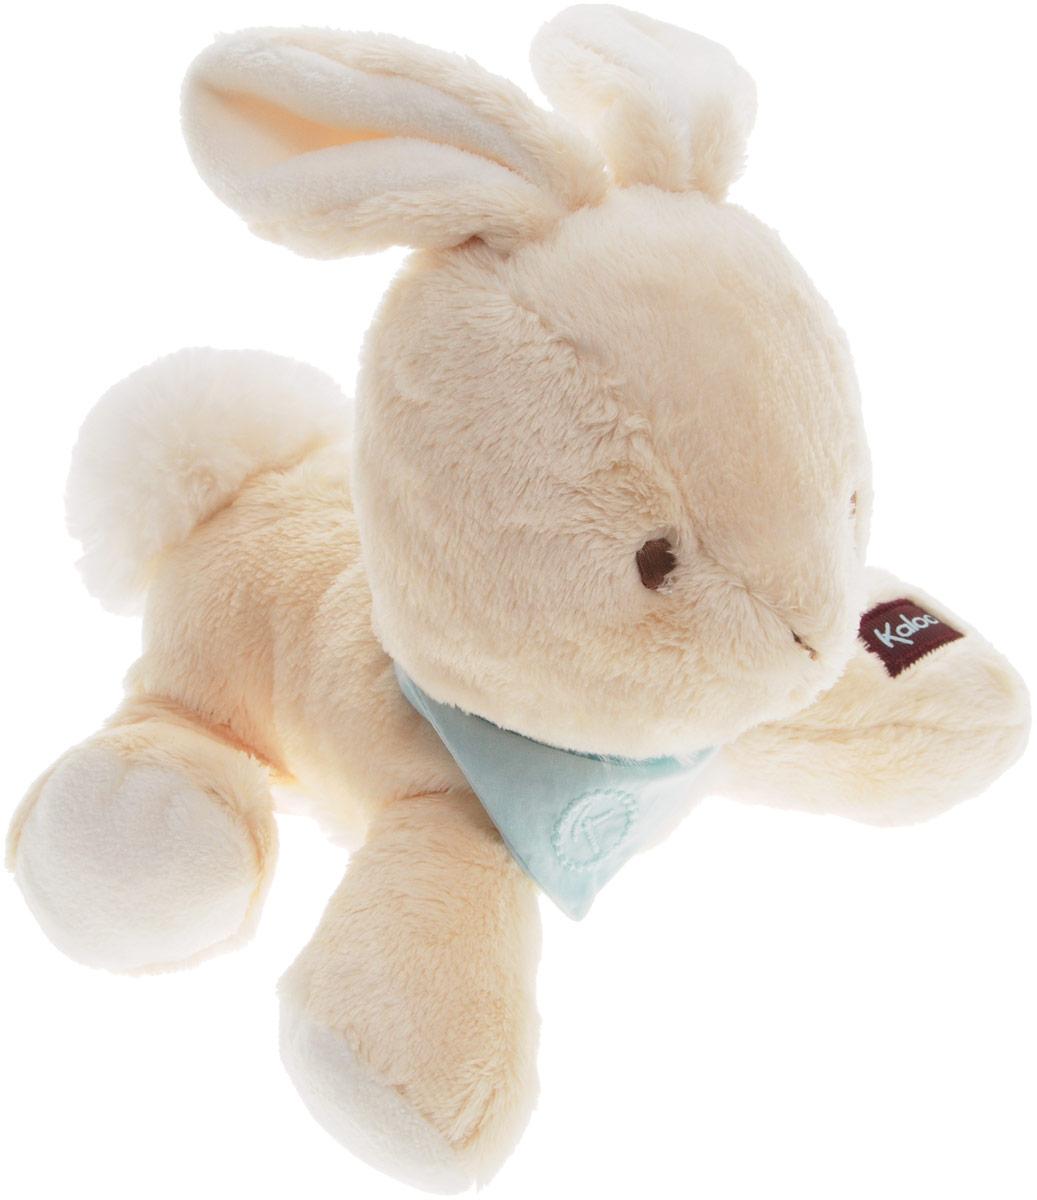 Kaloo Мягкая игрушка Заяц 25 смK963119Очаровательная мягкая игрушка Kaloo Заяц на долгие годы станет одной из самых любимых игрушек вашего малыша. Зайчик выполнен в бежевых тонах, на шее у него повязан платочек нежно-бирюзового цвета. Игрушка выполнена из качественных и безопасных для здоровья детей материалов, которые не вызывают аллергии, приятны на ощупь и доставляют большое удовольствие во время игр. Специальные гранулы, используемые при набивке игрушки, способствуют развитию мелкой моторики рук малыша. Игрушку приятно держать в руках, прижимать к себе и придумывать разнообразные игры. Игры с мягкими игрушками развивают тактильную чувствительность и сенсорное восприятие. Игрушка поставляется в стильной коробке и идеально подходит в качестве подарка.